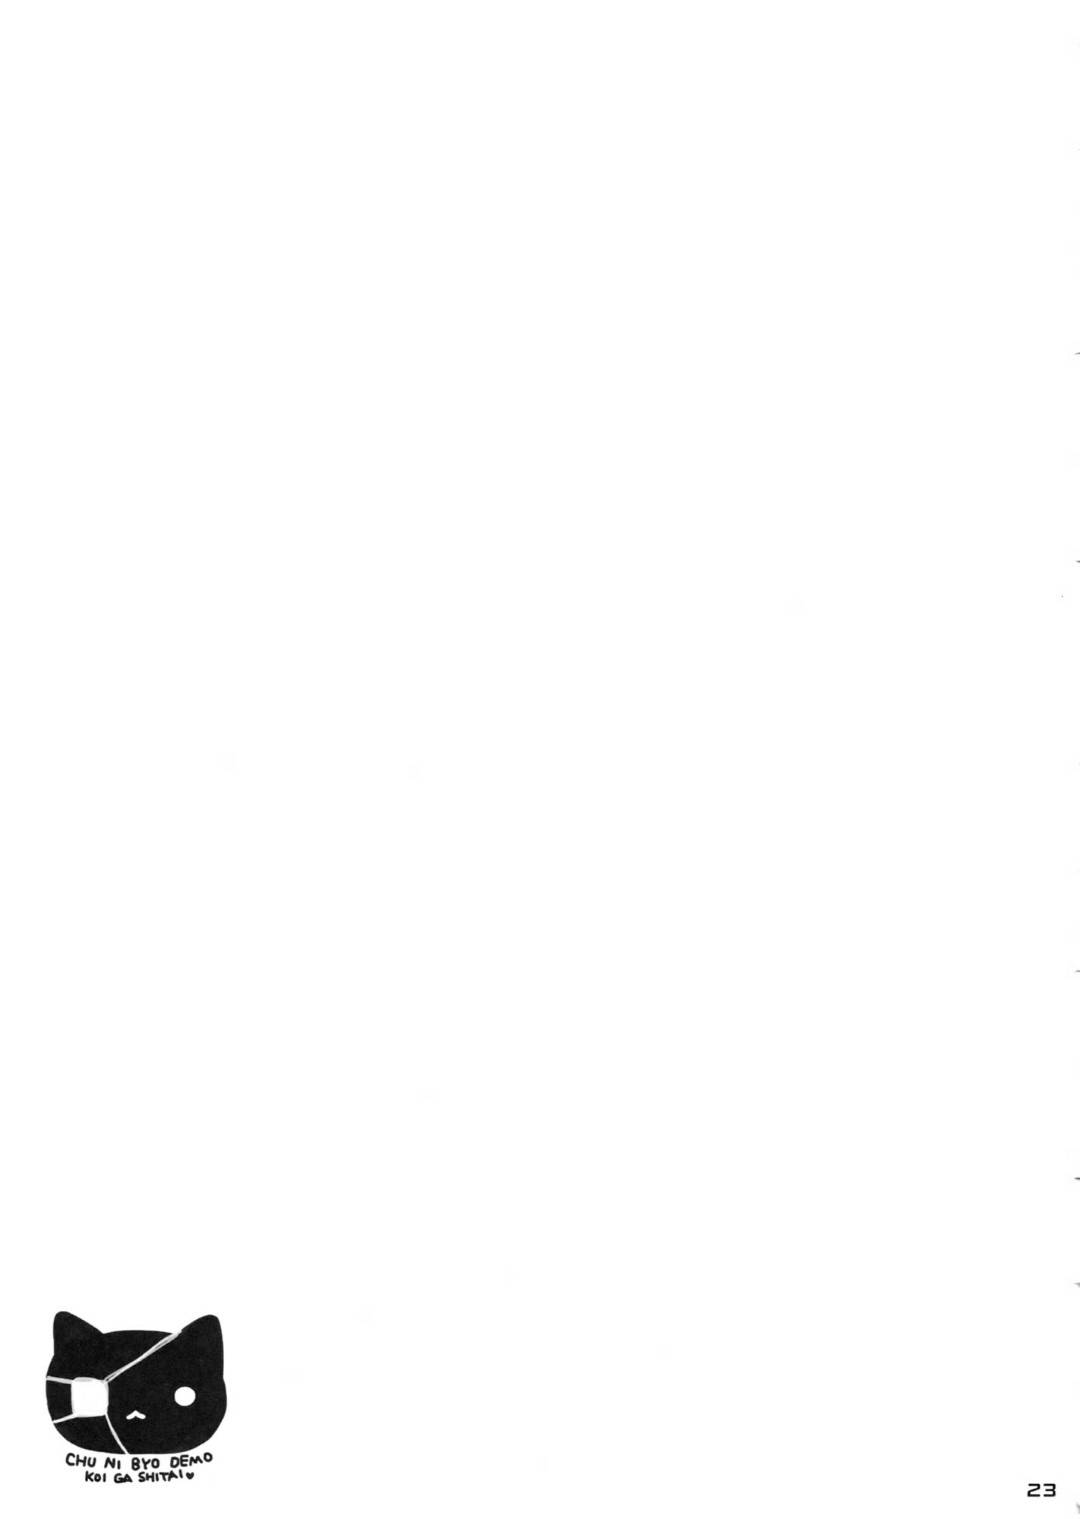 【中二病でも恋がしたい!エロ漫画】六花は恥ずかしがりながらも勇太にエッチしたいと伝え、イチャラブセックスでアクメする【ななせめるち】